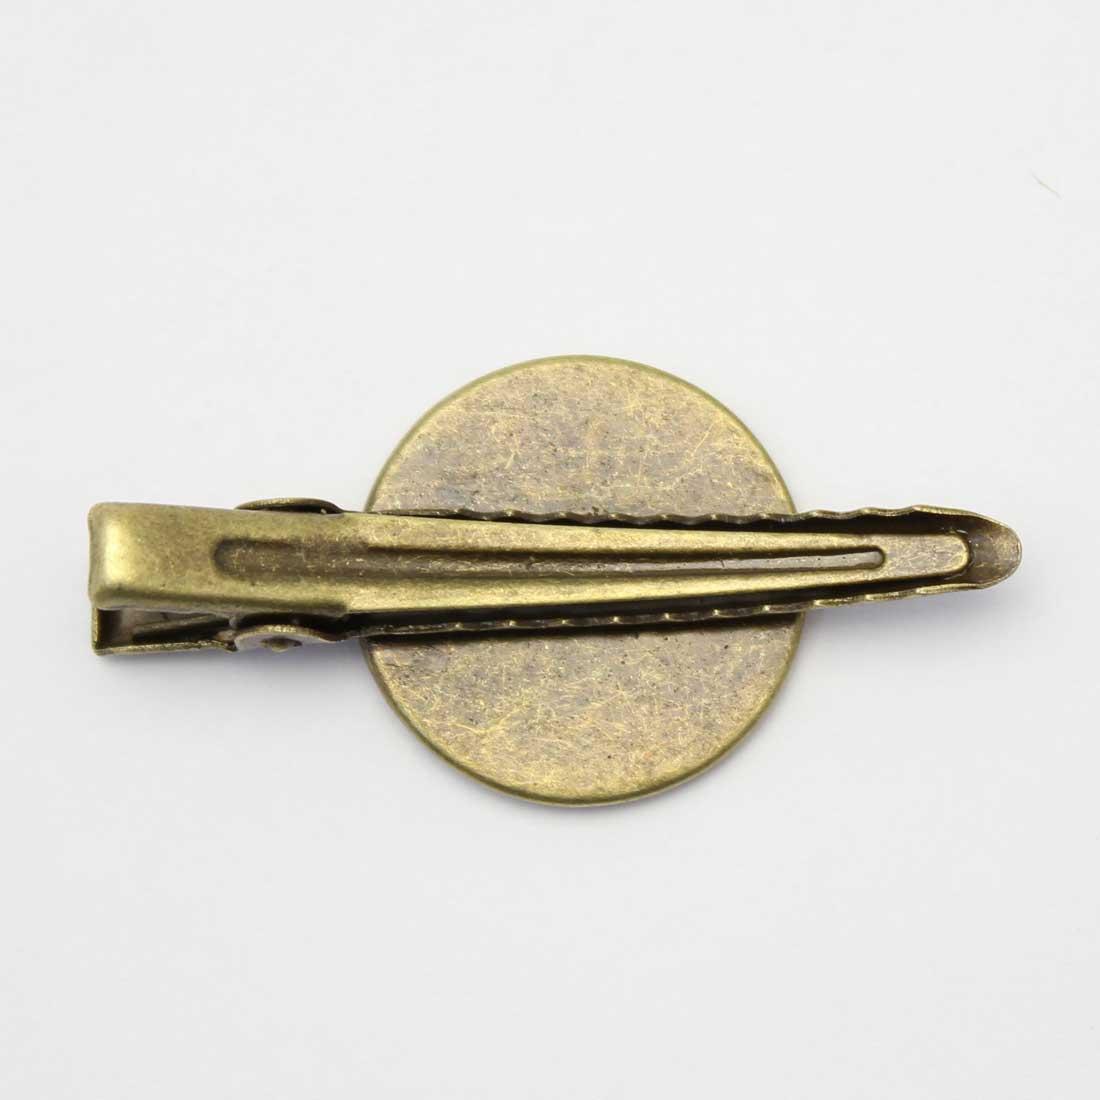 刚约的粉木耳20p_5mm]sgy-1566-20p(粗粉盘子座地基设置环形别针手工艺毛配饰零件摘